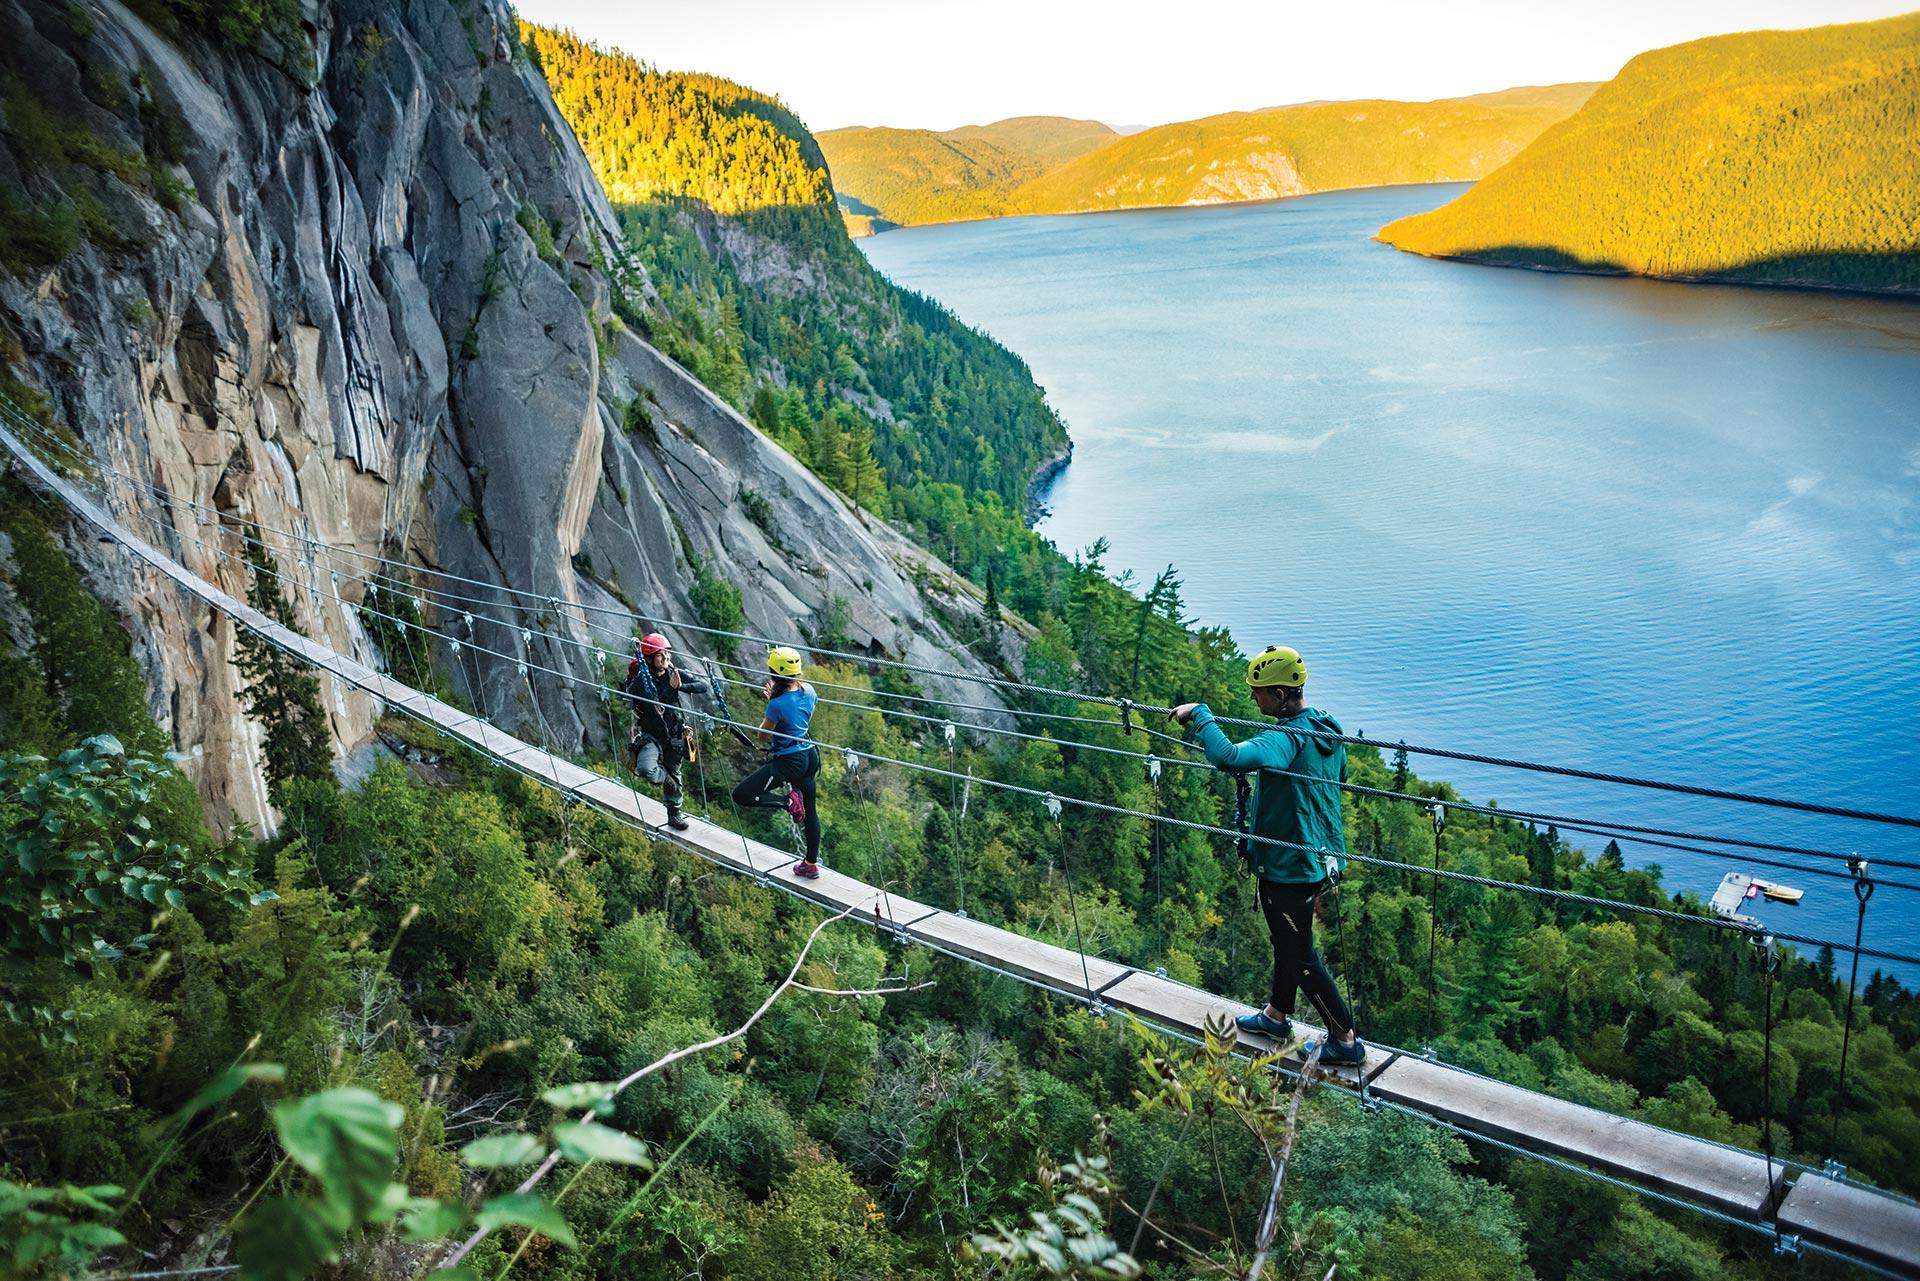 quebec adventure tourism